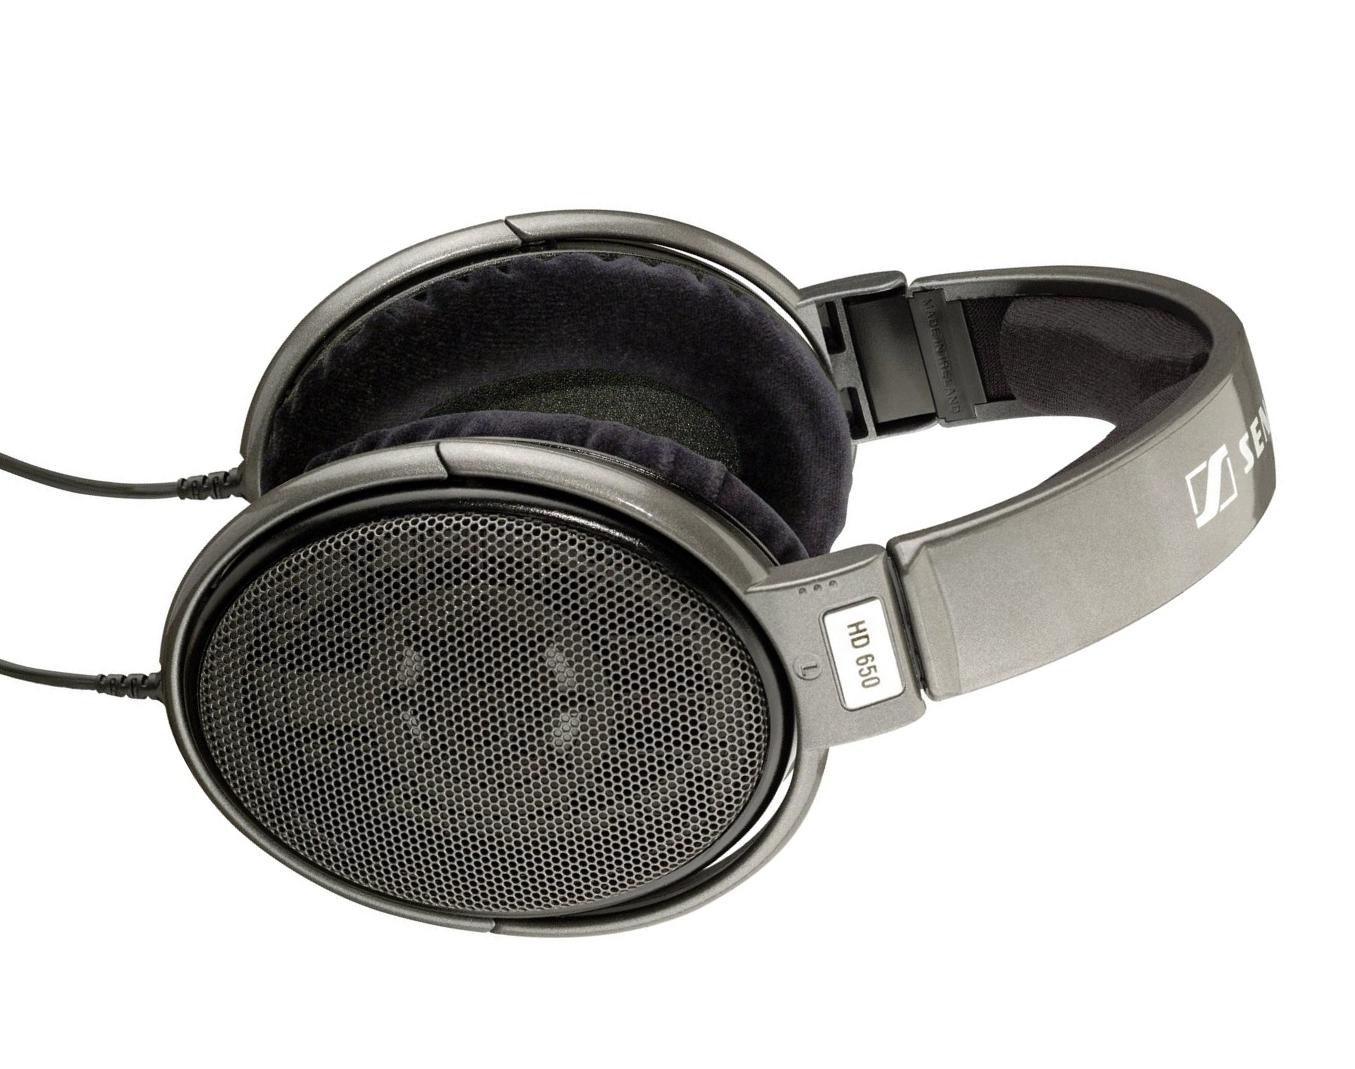 Sennheiser HD650 - Recensione - Opinioni e Migliori Offerte acc566bf191e